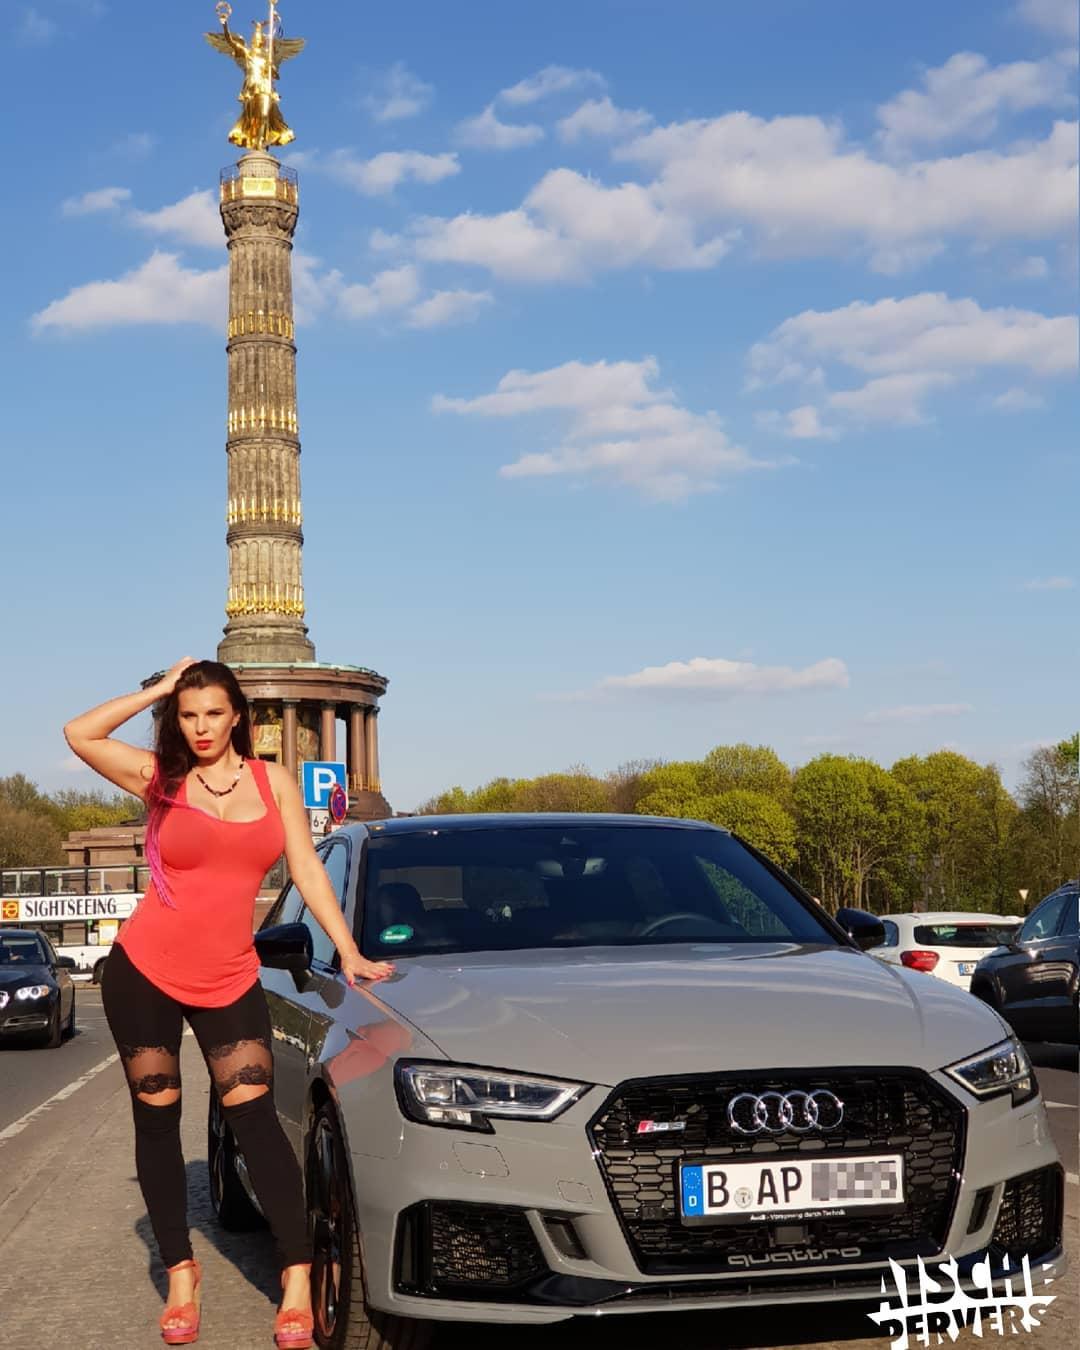 Mein RS3 ist nun Keramikversiegelt. Danke an @matthiaskirchhoff von der Car Factory. Ich bin vom Ergebnis einfach nur begeistert und kann es jedem Autoliebhaber empfehlen.  YouTube-Video dazu gibt's am Sonntag. #audi #rs3 #audirs3 #sportback #car #carporn #nardogrey #ilovemycar #berlin #siegessäule #goldelse #curvy #german #showgirl #freak #vollehütte #läuftbeimir #quattro #sport